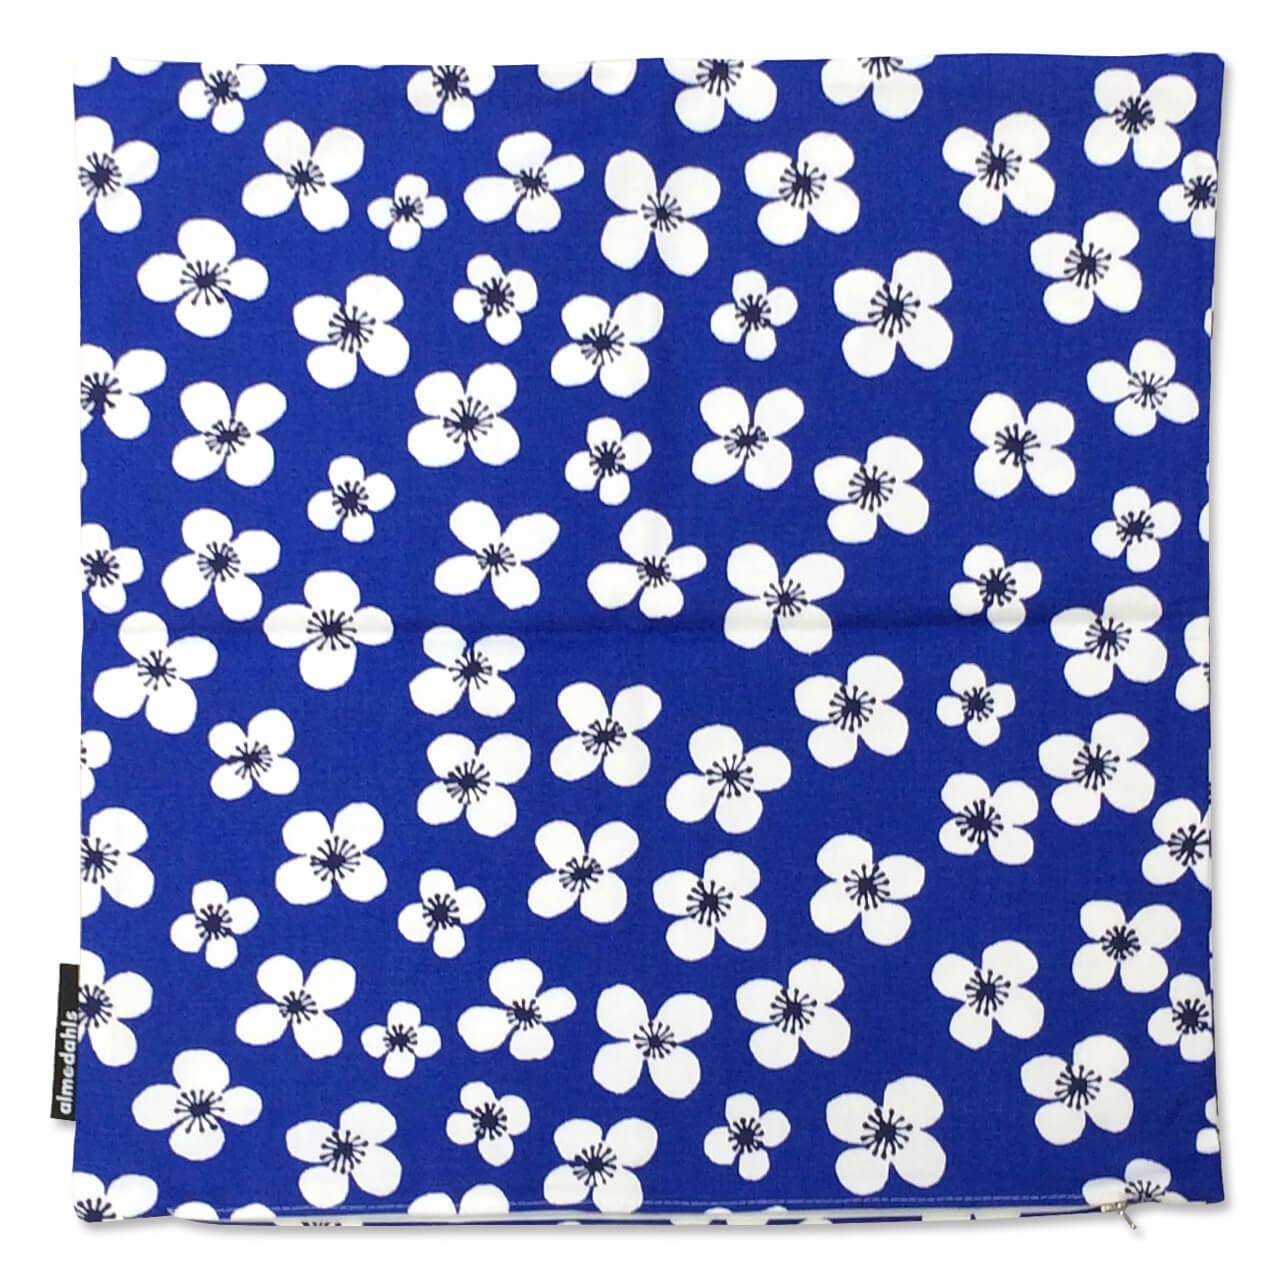 クッションカバー Belle Amie ブルー 約45×45cm